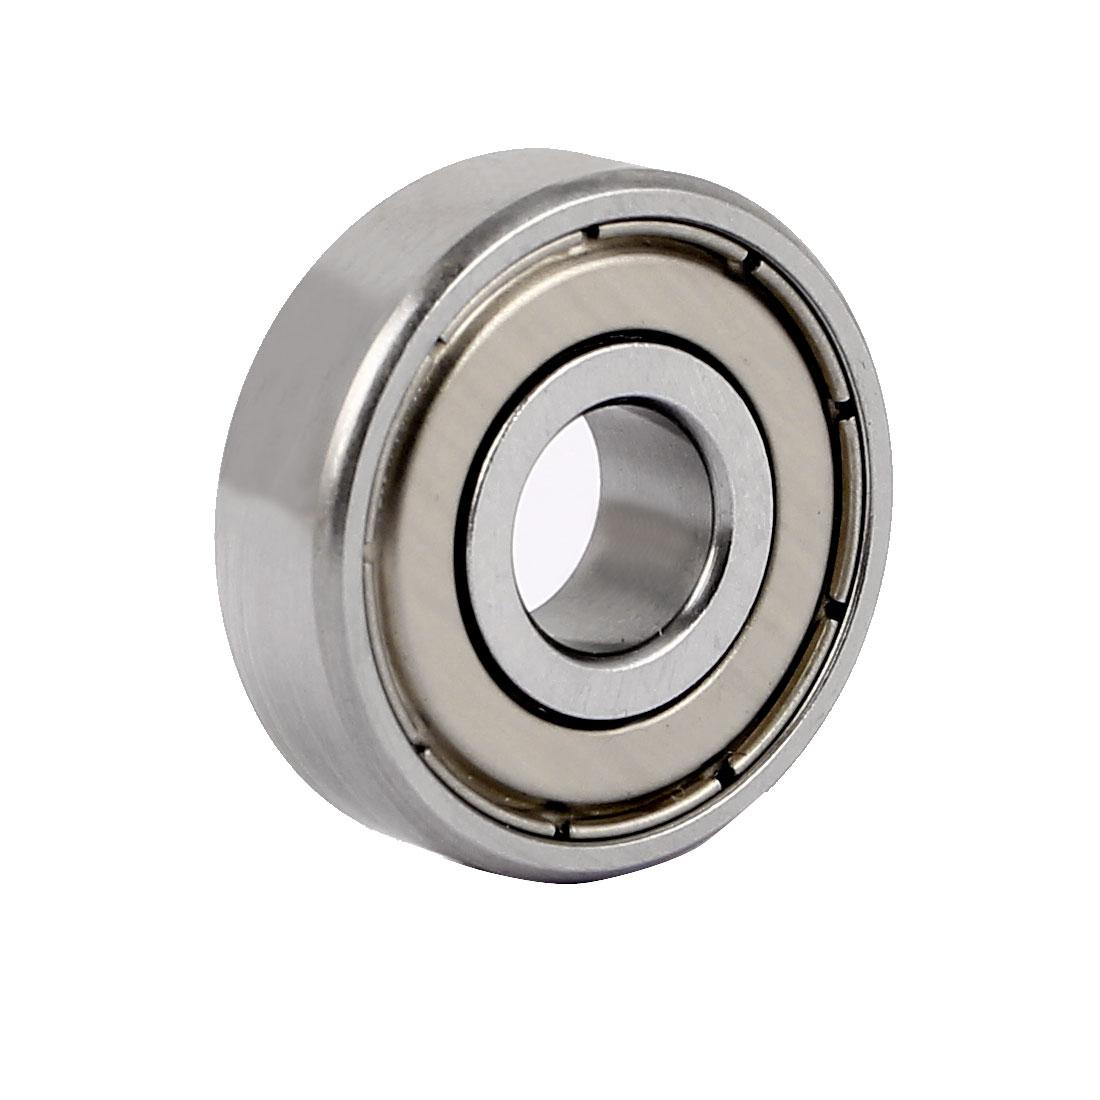 ZZ629 Dual Steel Shields Deep Groove Ball Bearing 26mmx9mmx8mm